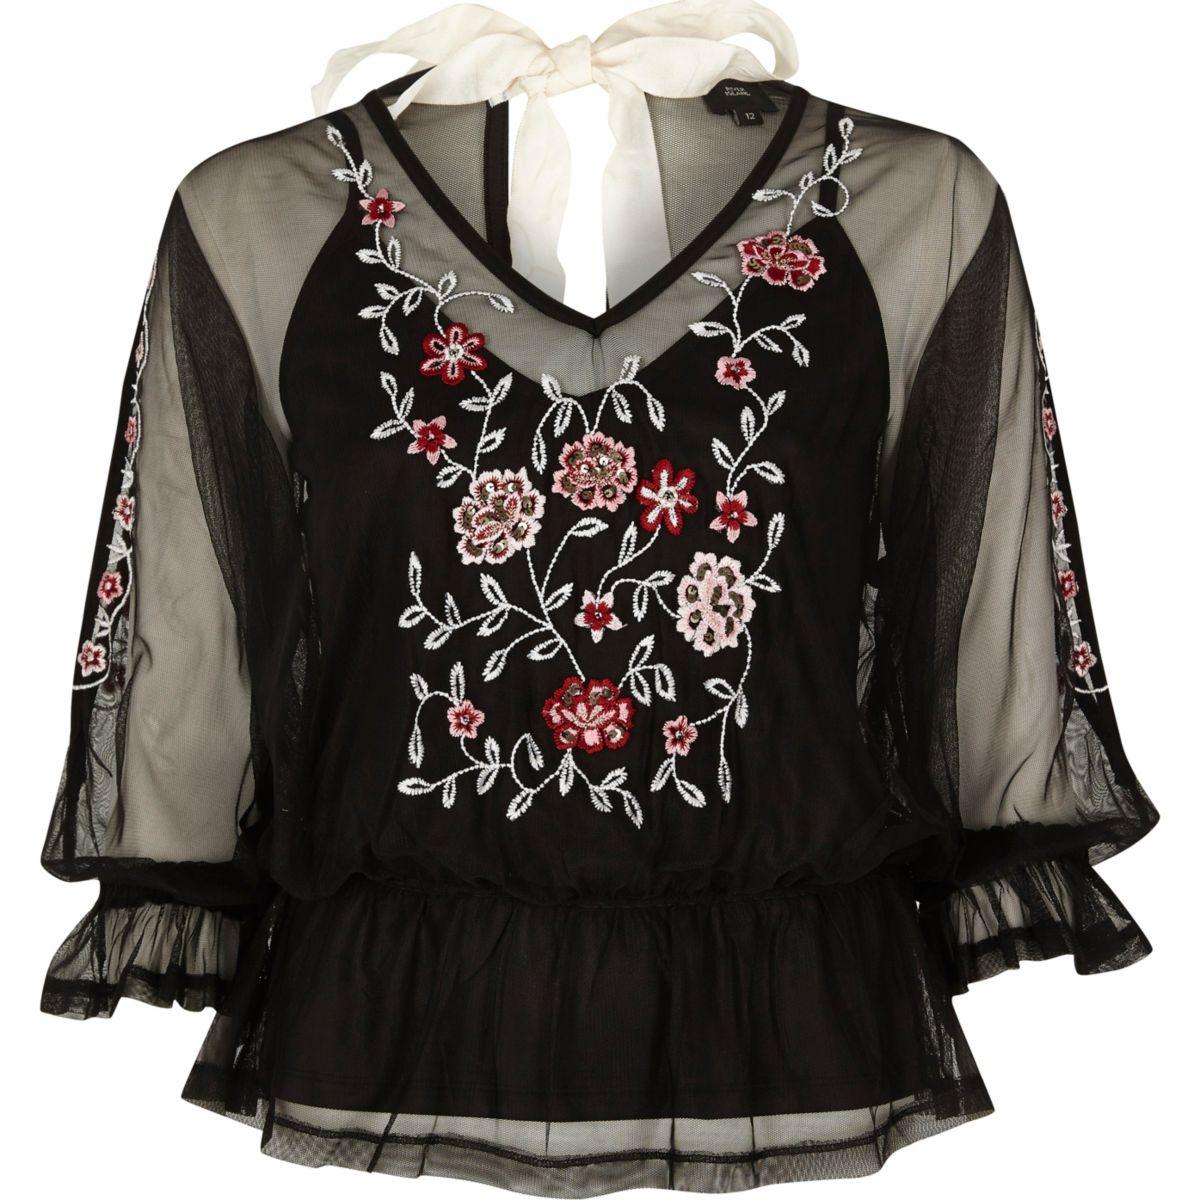 Top en tulle noir avec fleurs brodées